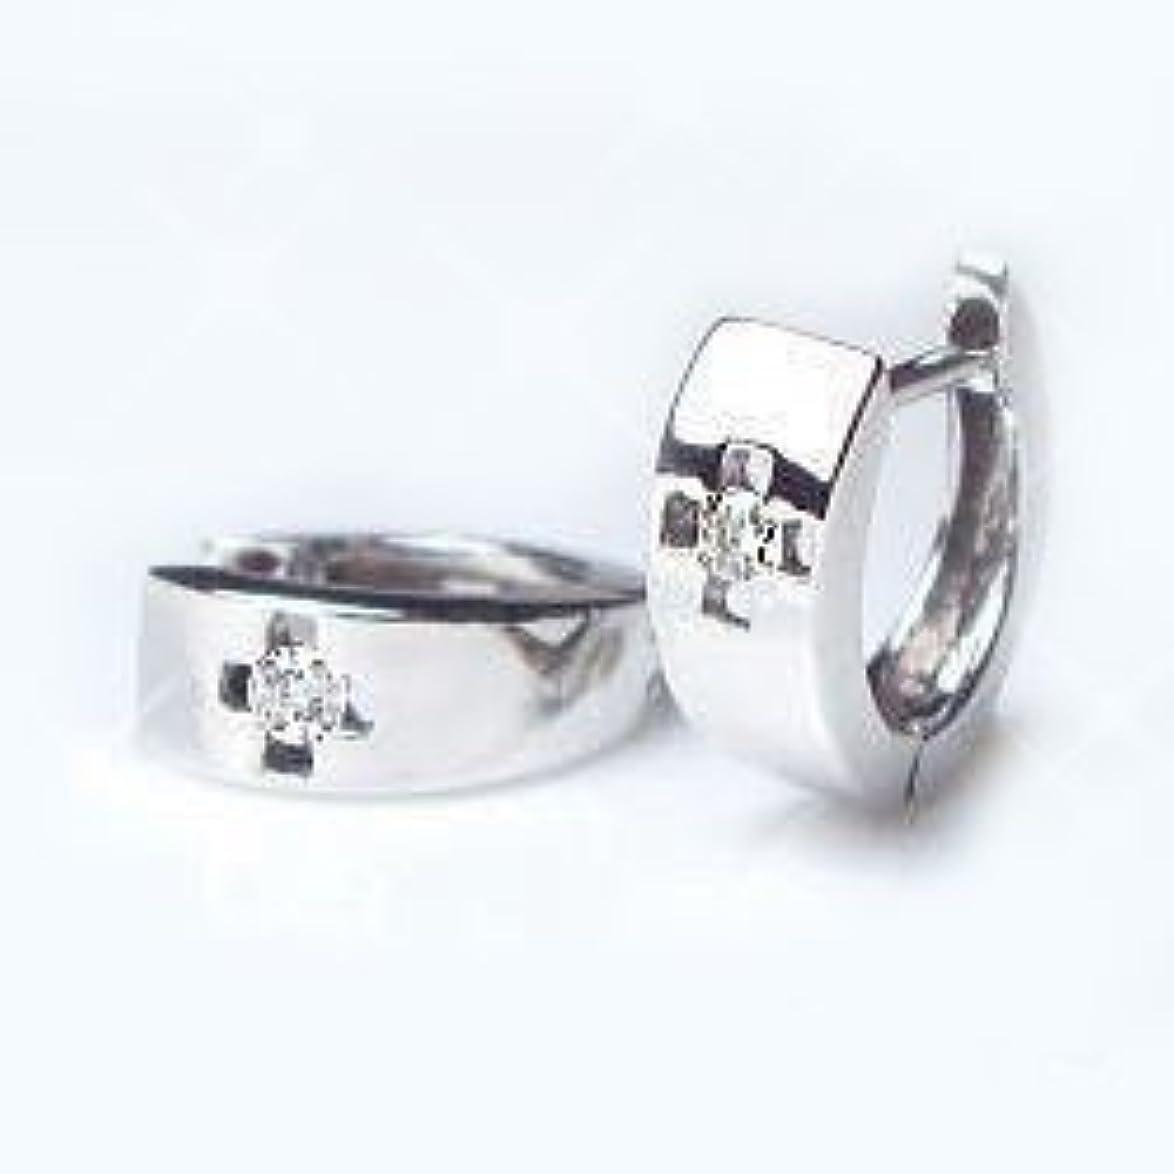 決して泣く電気的[ラグジュエリー][Lugejewelry]K18ダイヤモンドフープピアス Le Meilleurdia Cross 0.04ct 天然ダイヤモンド メンズ K18PG(ピンクゴールド) [ジュエリー]【ラッピング対応】